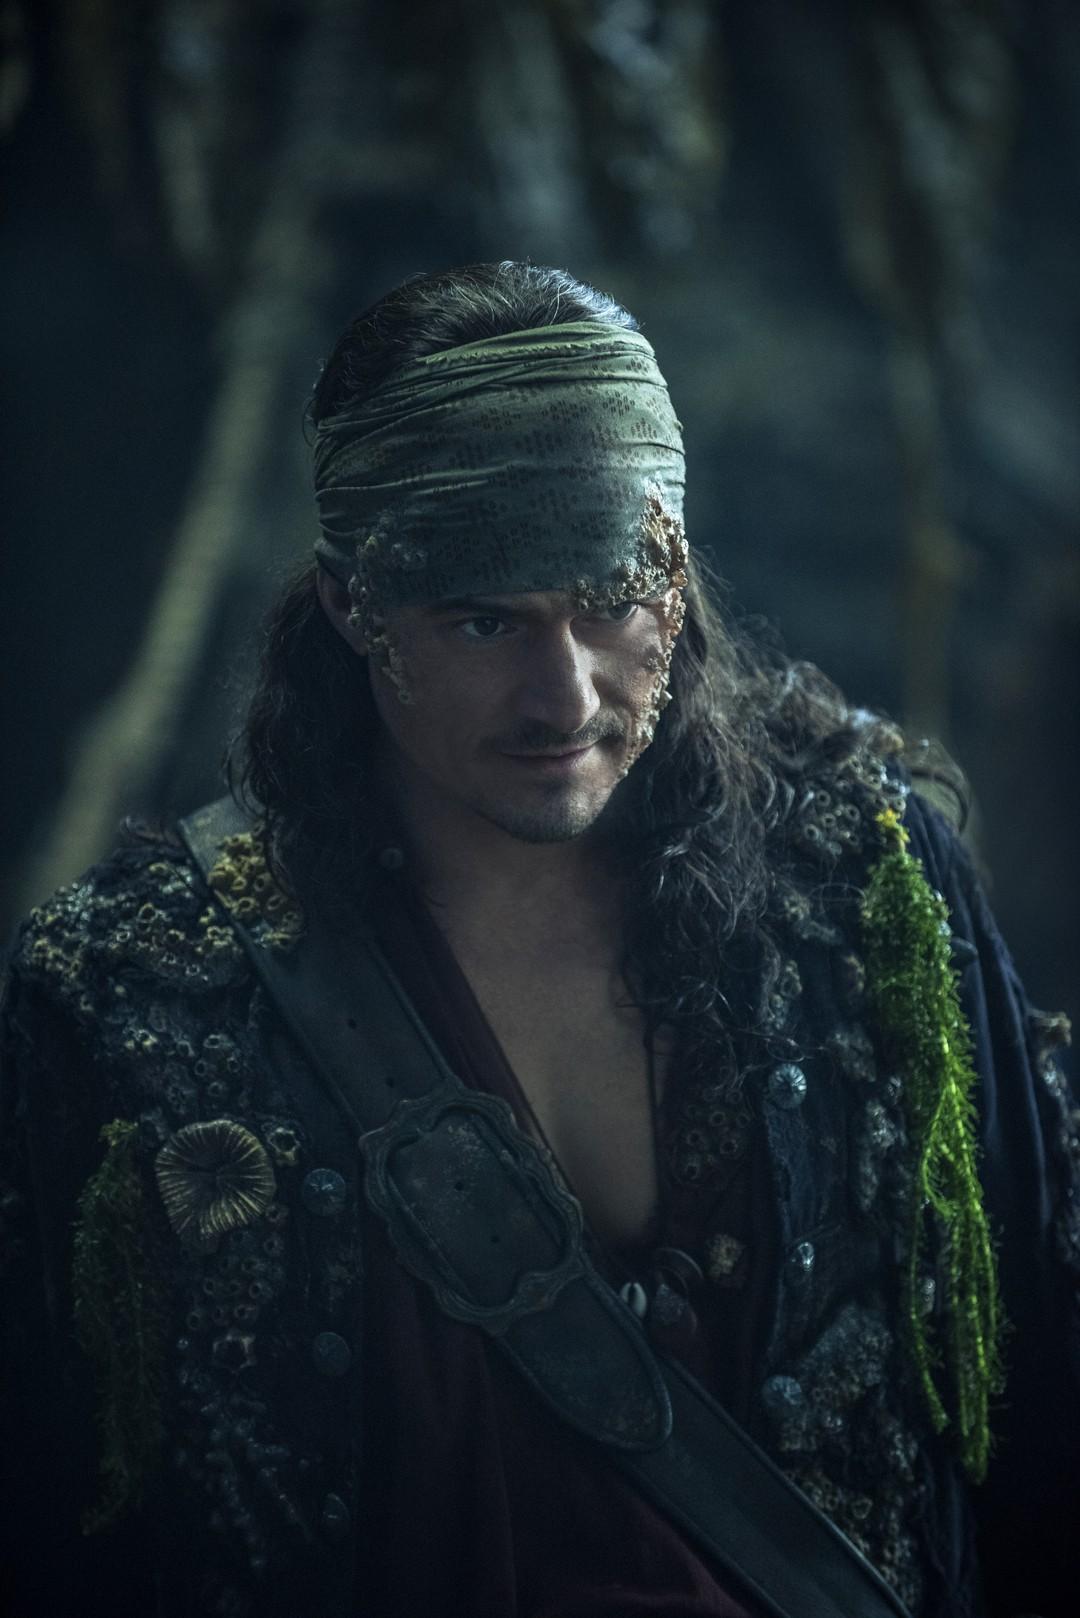 Pirates Of The Caribbean 5: Salazars Rache - Bild 18 von 18